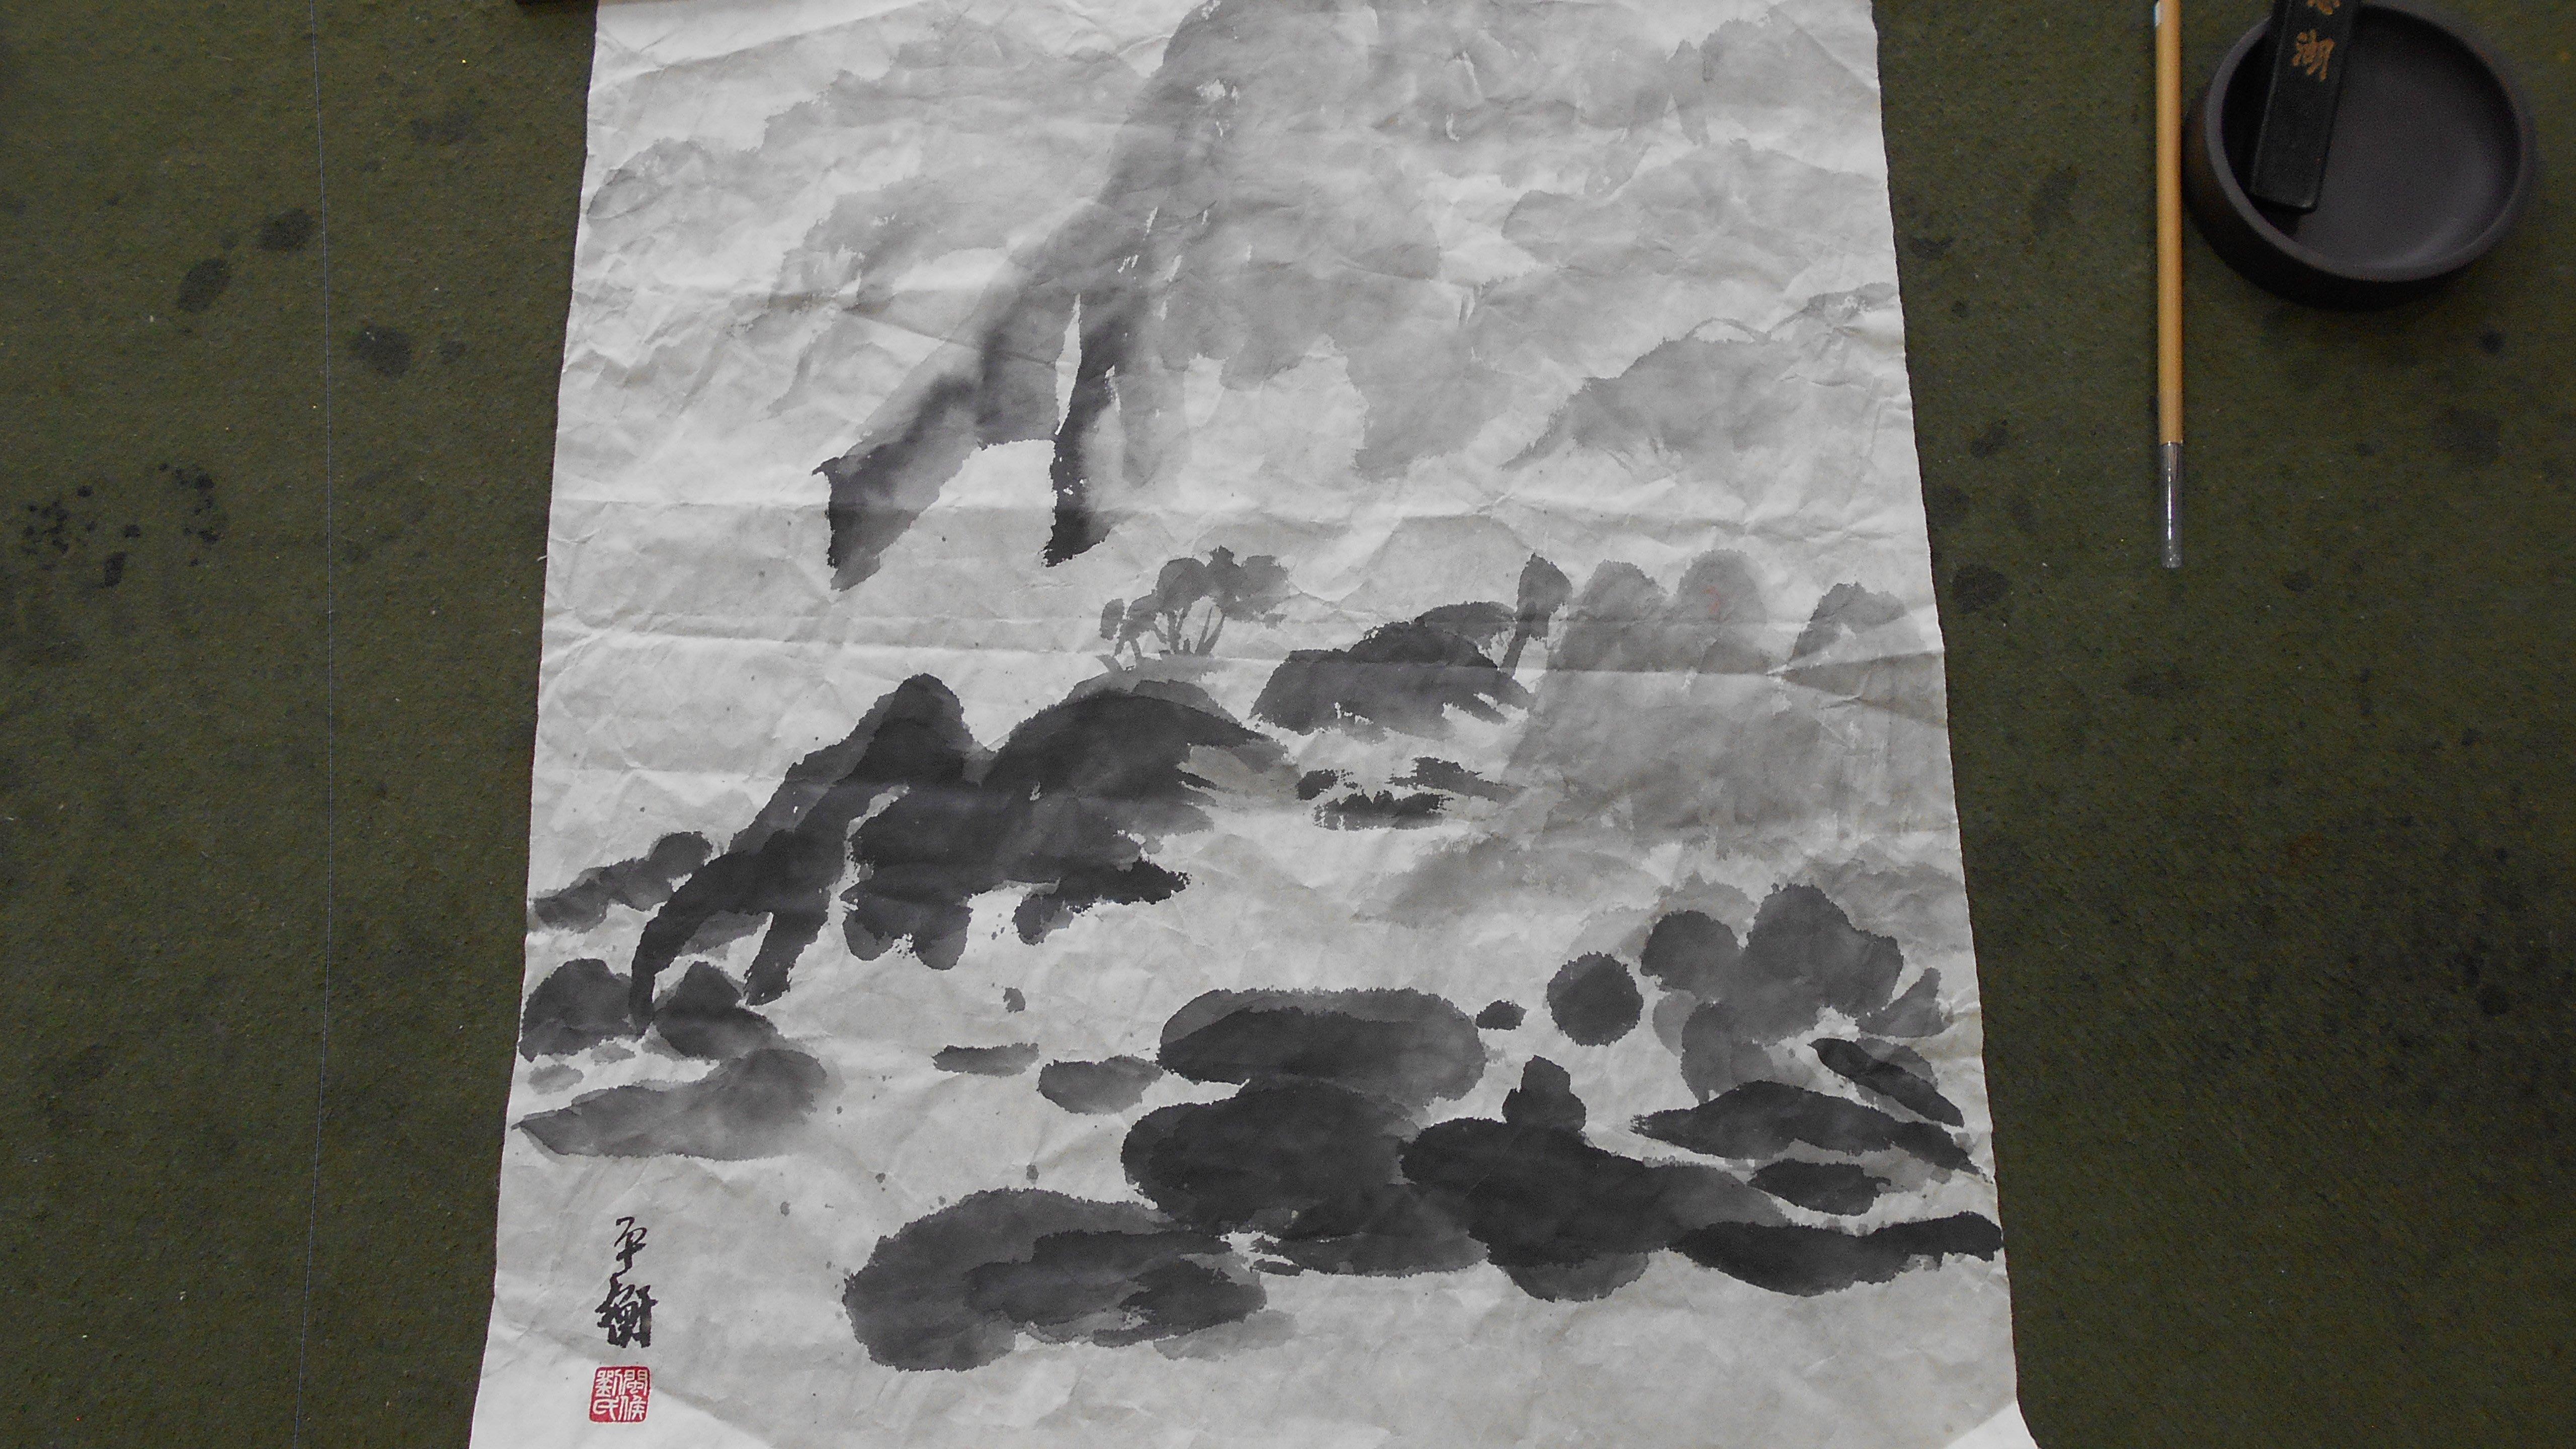 麋研齋藏當代書畫作品  麋研齋藏當代書畫作品0525